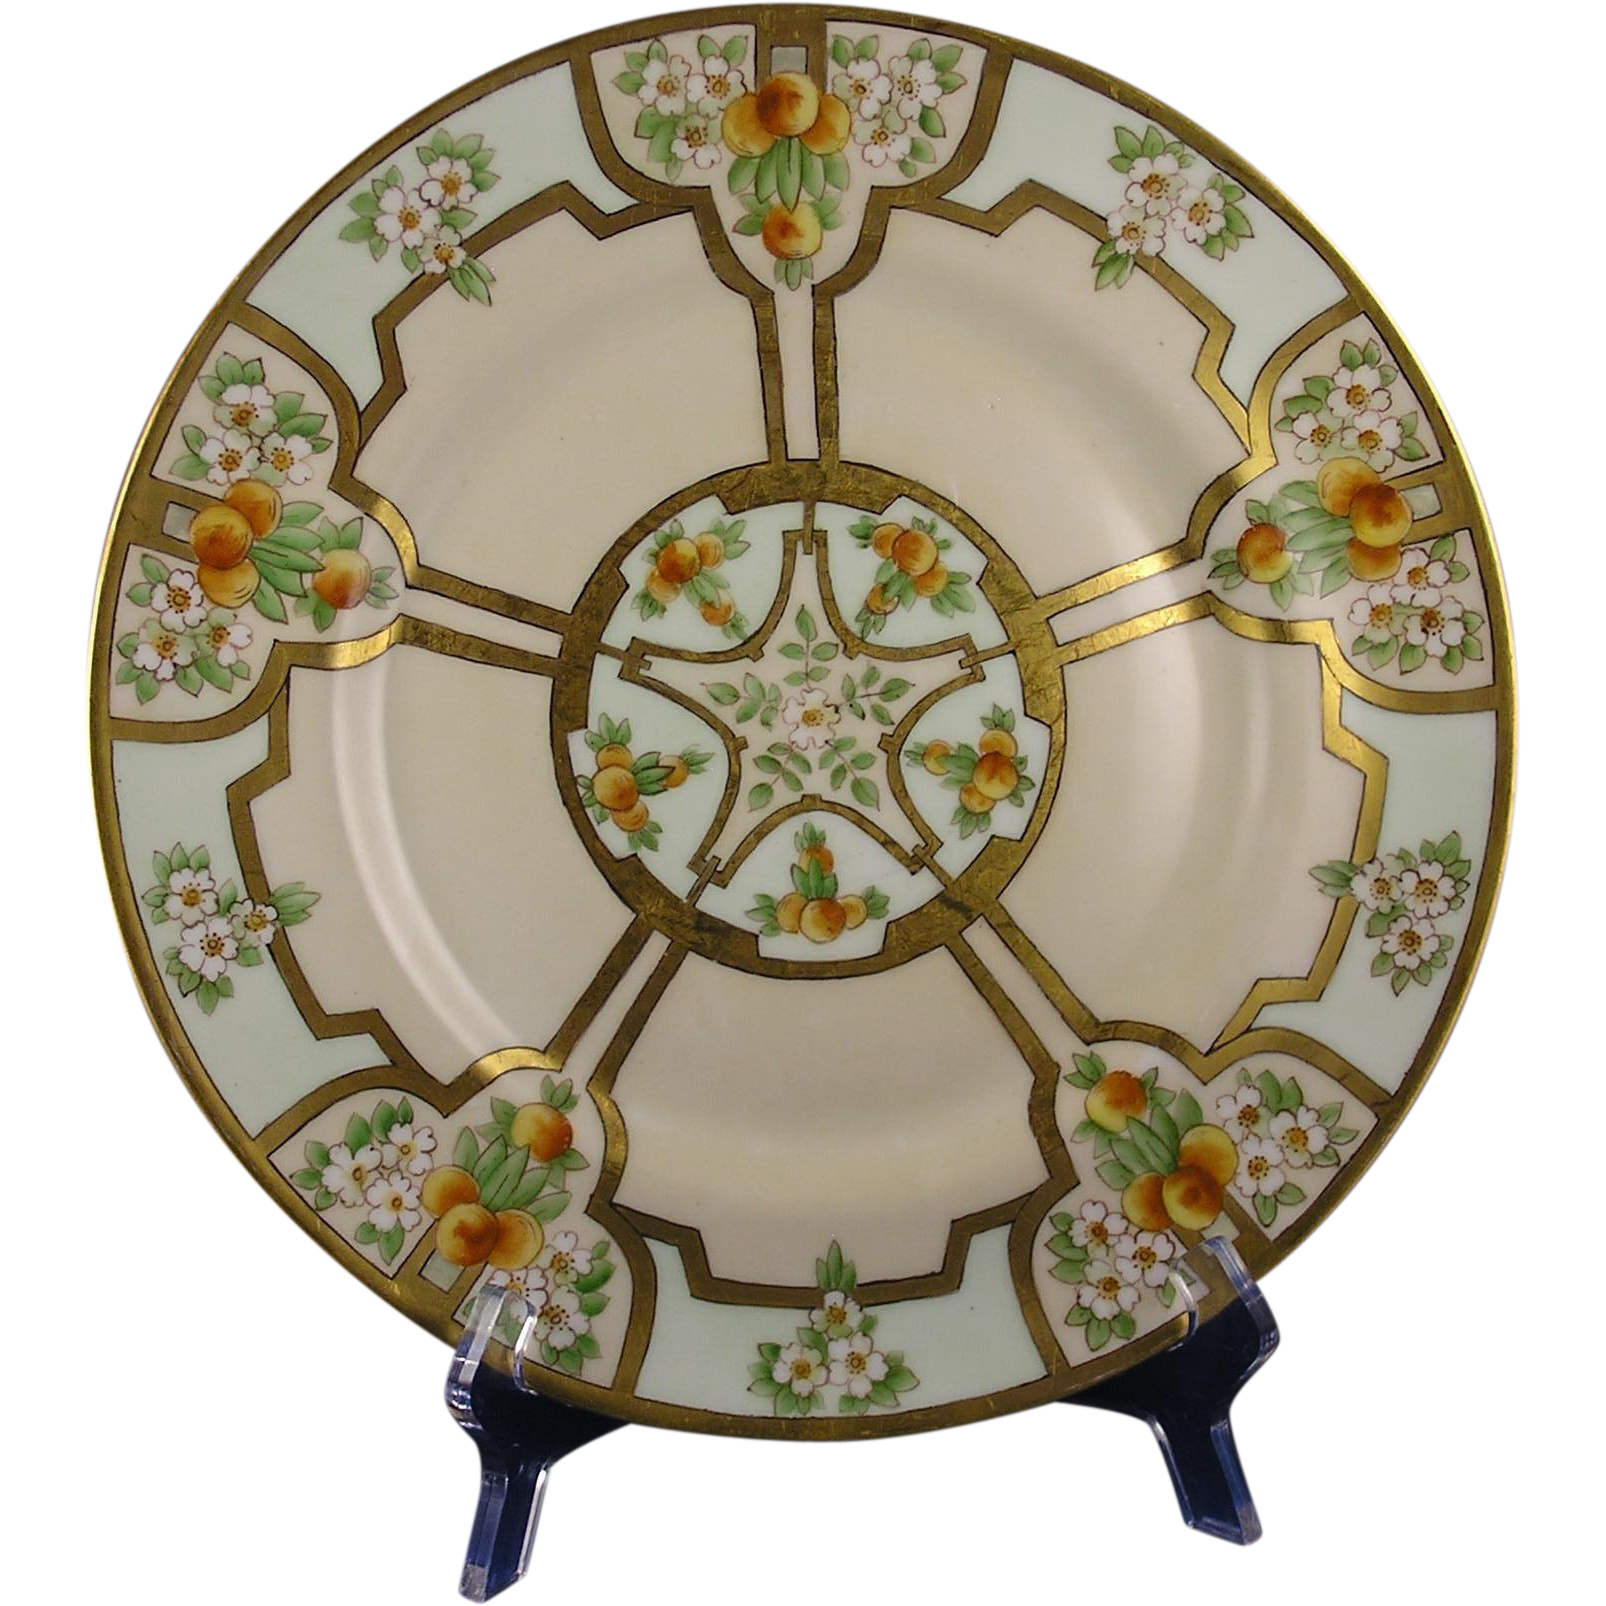 Porcelain Limousine (PL) Limoges Arts & Crafts Orange Blossom & Fruit Motif Plate/Charger (Dated 1912)